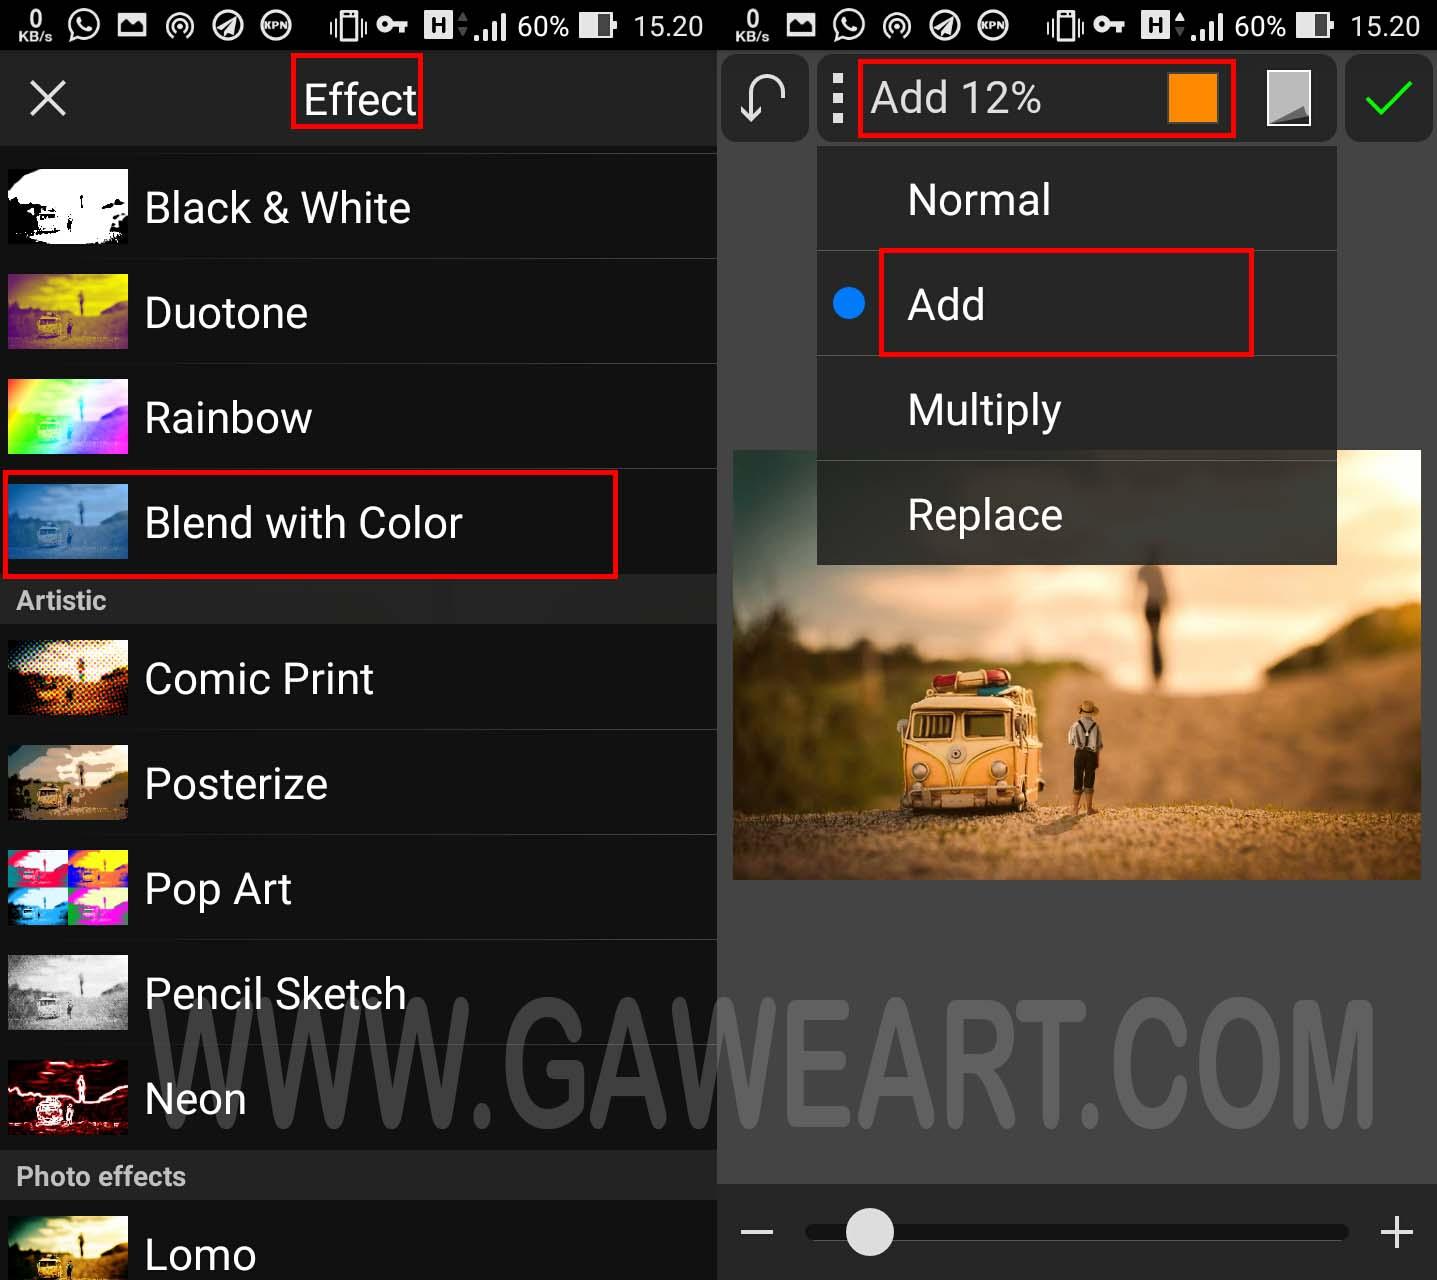 Download Picsay Pro Mod Apk 2019 - Apk Apk y